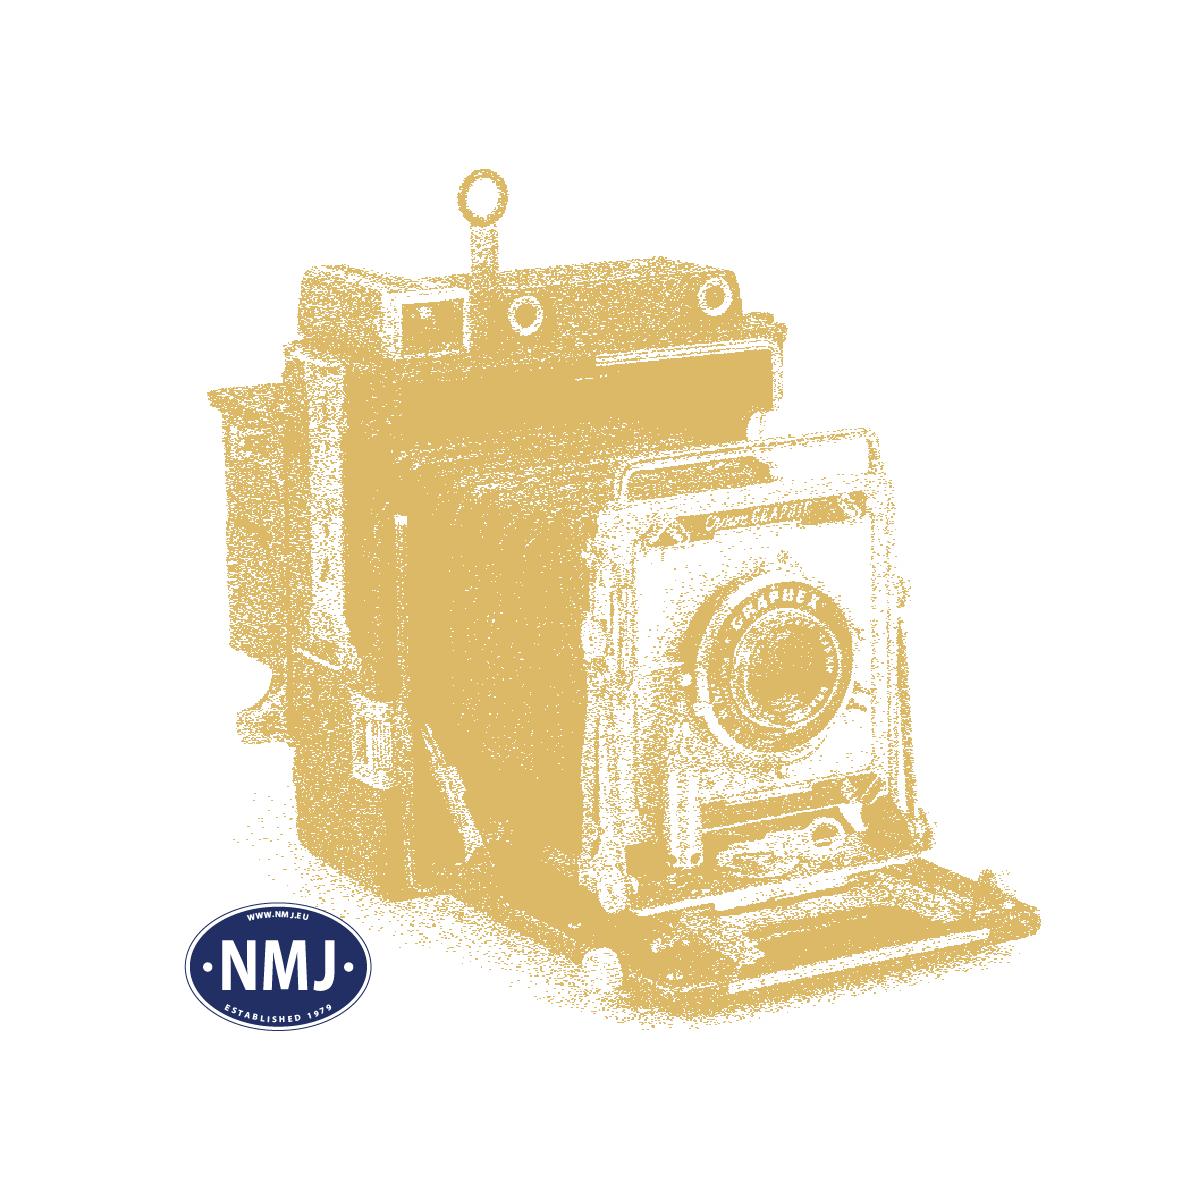 NMJT90016 - NMJ Topline NSB Di3a.618, Rot/Schwarz, DC